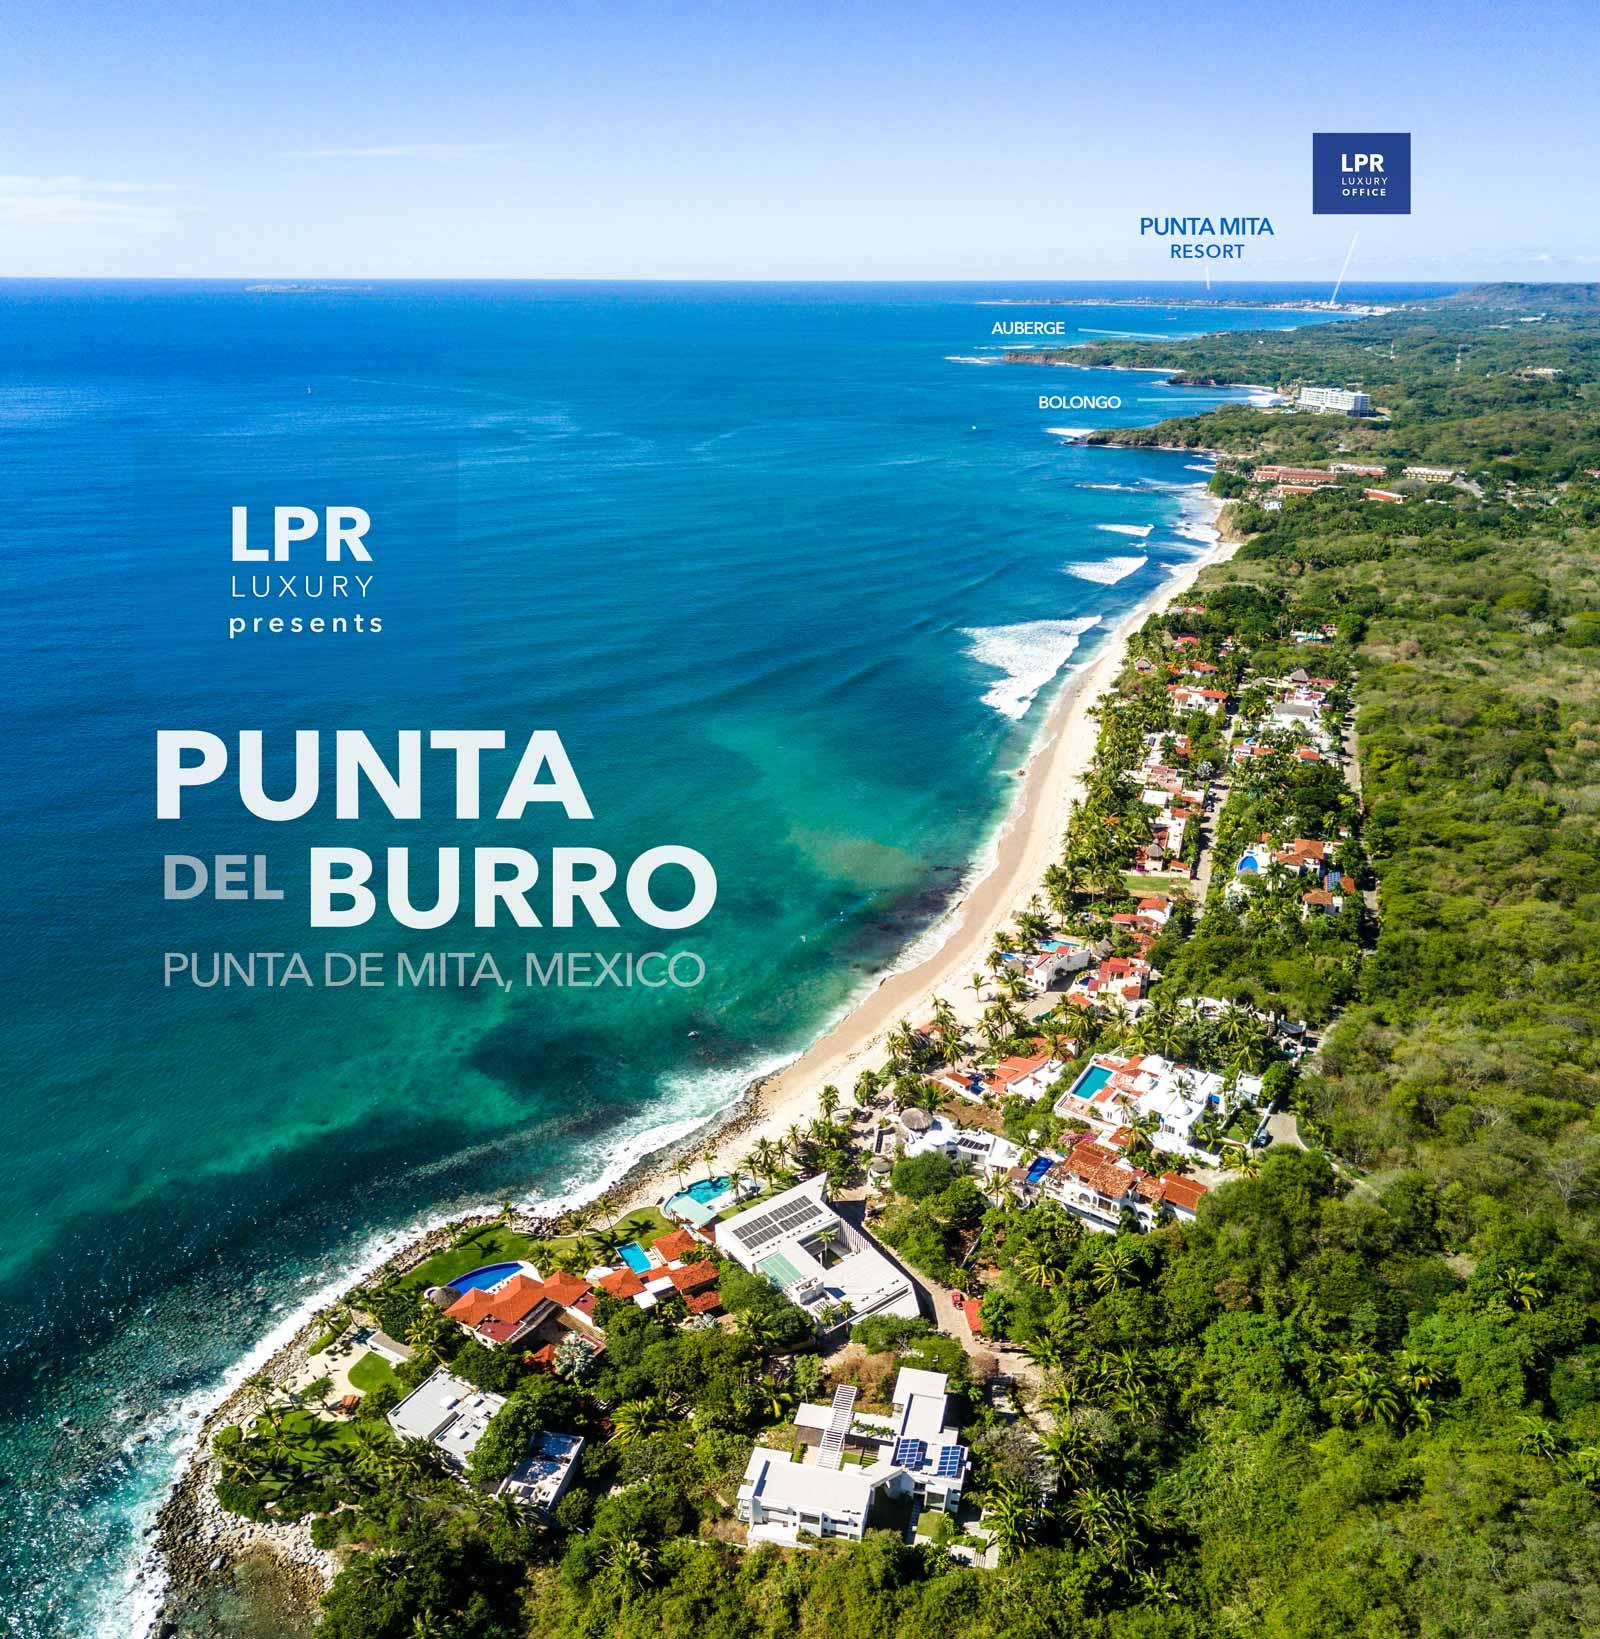 Explore Punta del Burro - North Shore Puerto Vallarta - Punta de Mita, Riviera Nayarit, Mexico